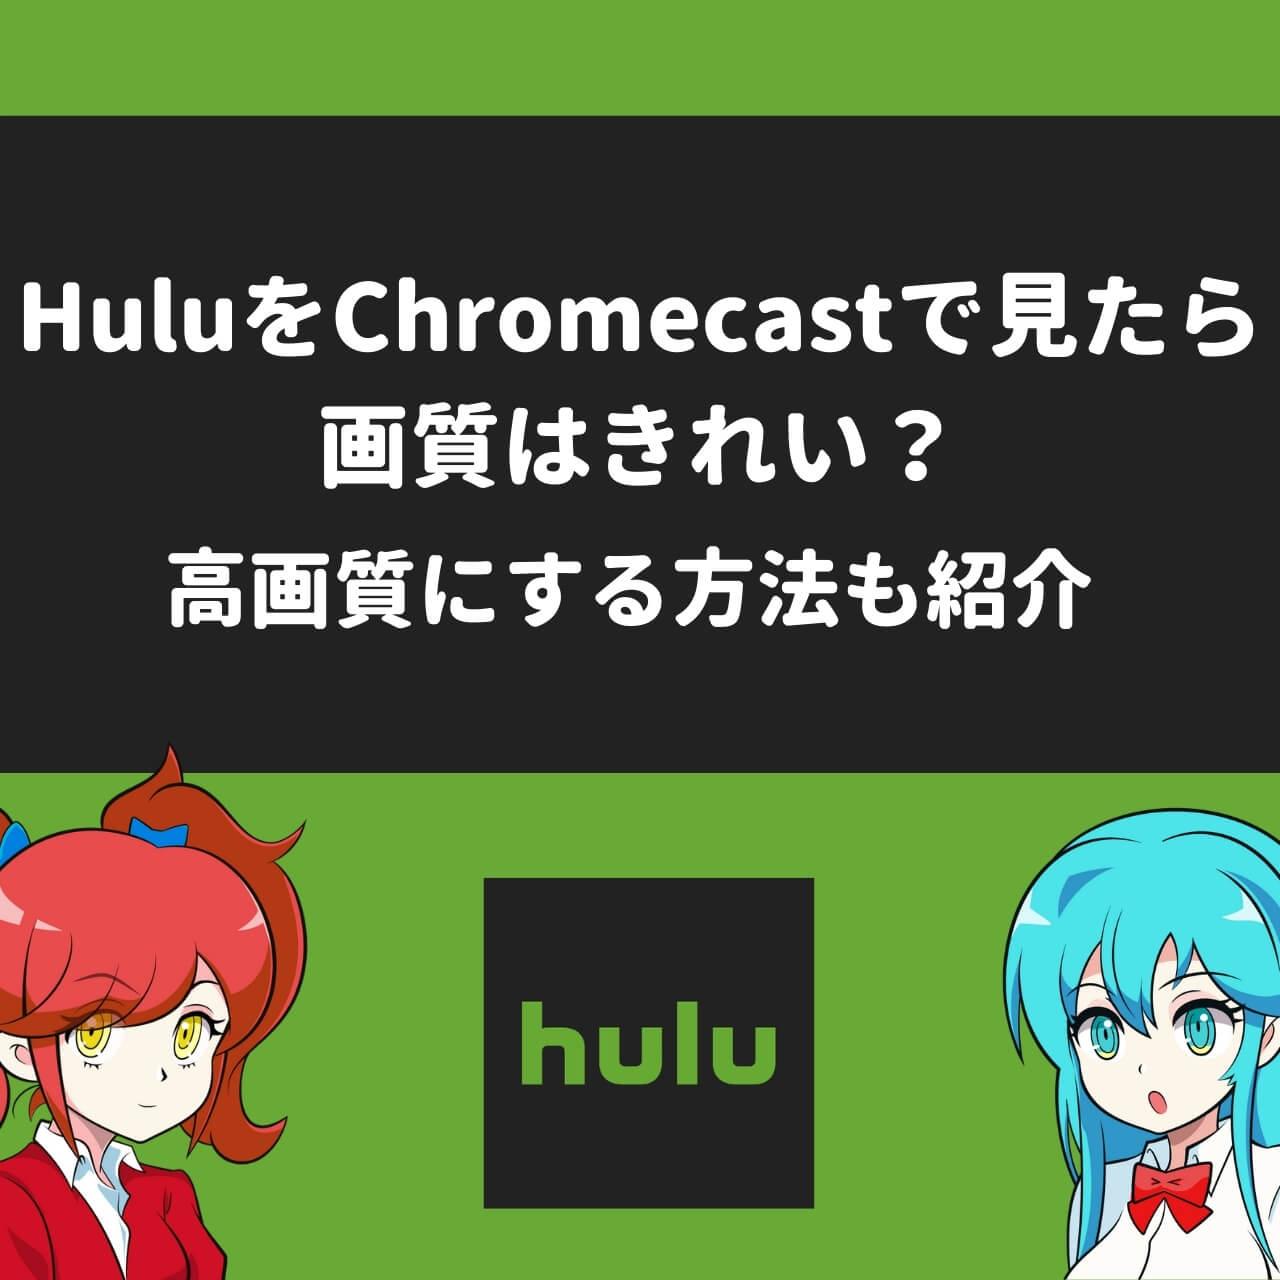 HuluをChromecastで見たら画質はきれい?高画質にする方法も紹介